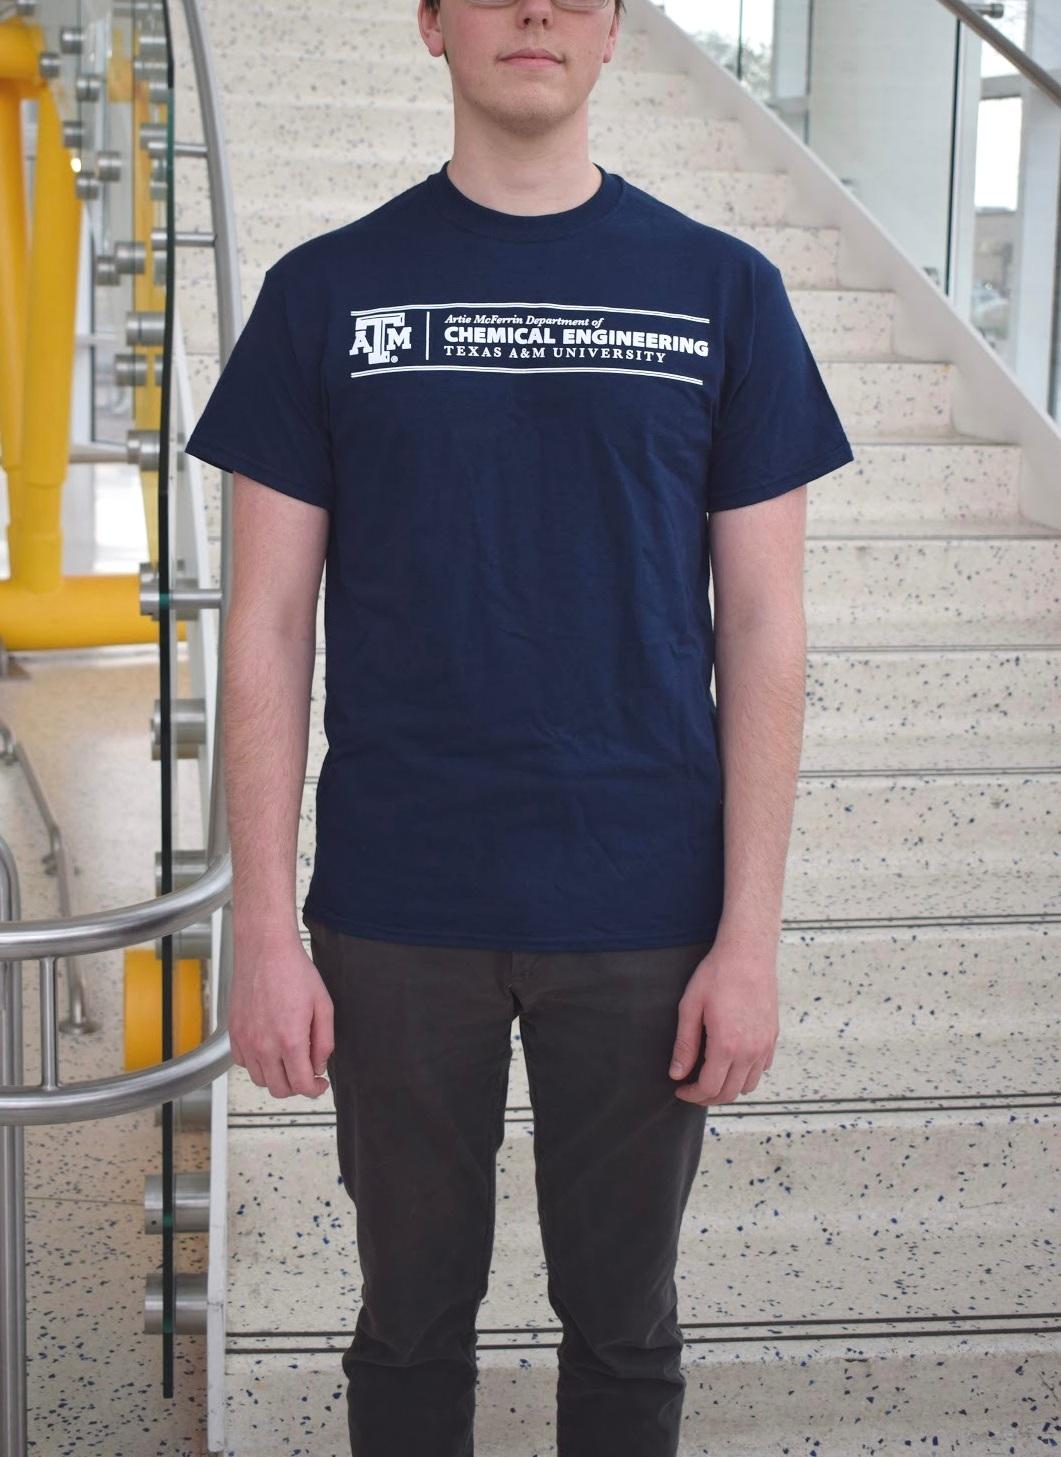 ChemE Logo Shirt - $15